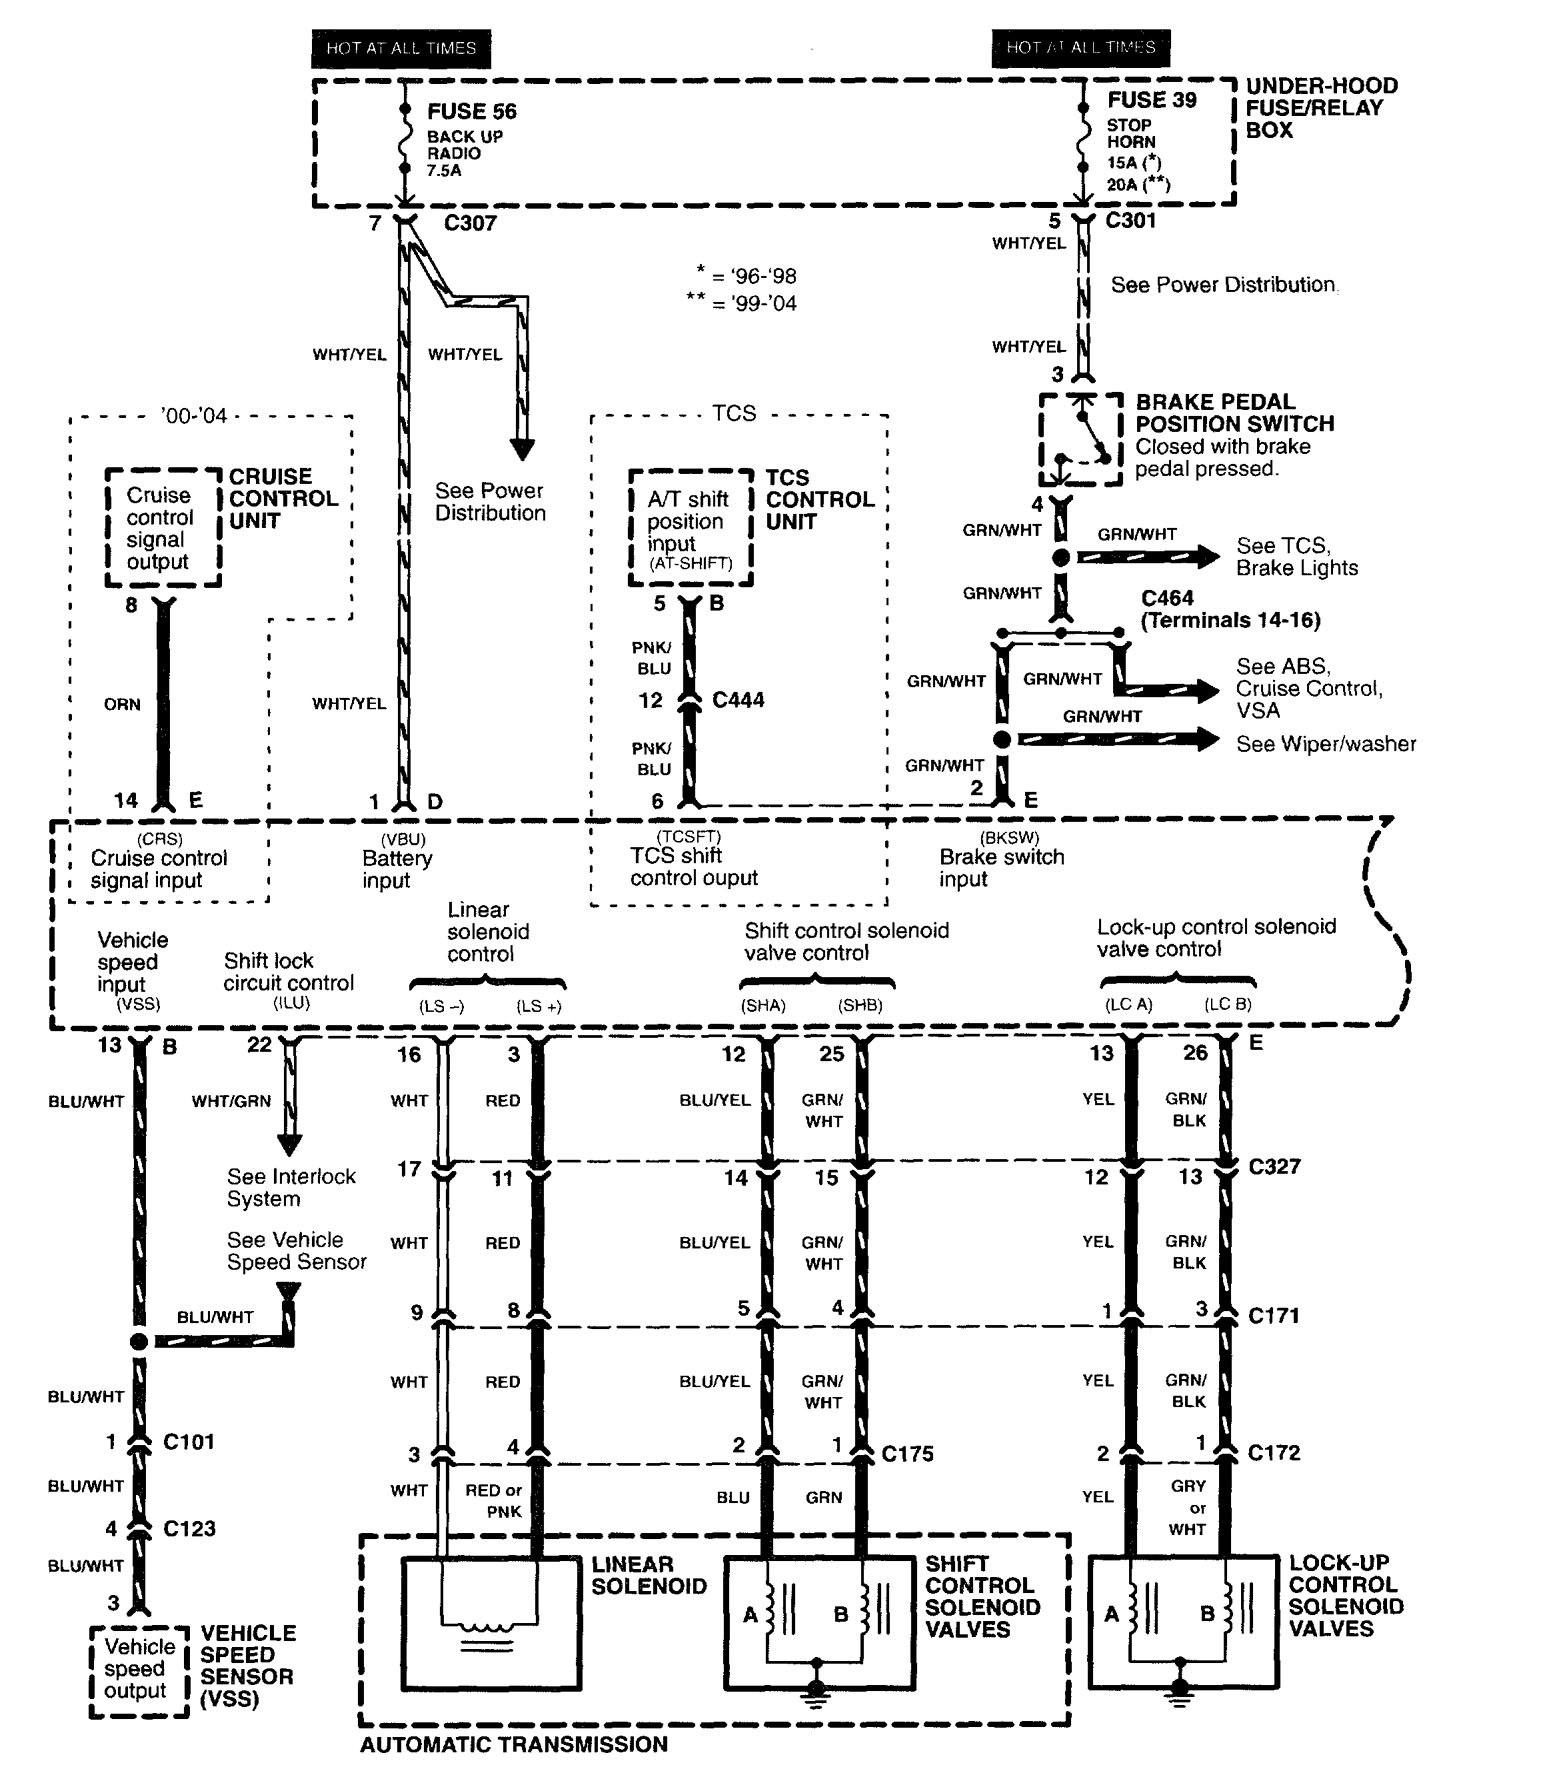 transmission wiring diagram for 1996 gas club car golf cart acura rl 2003 2004 diagrams